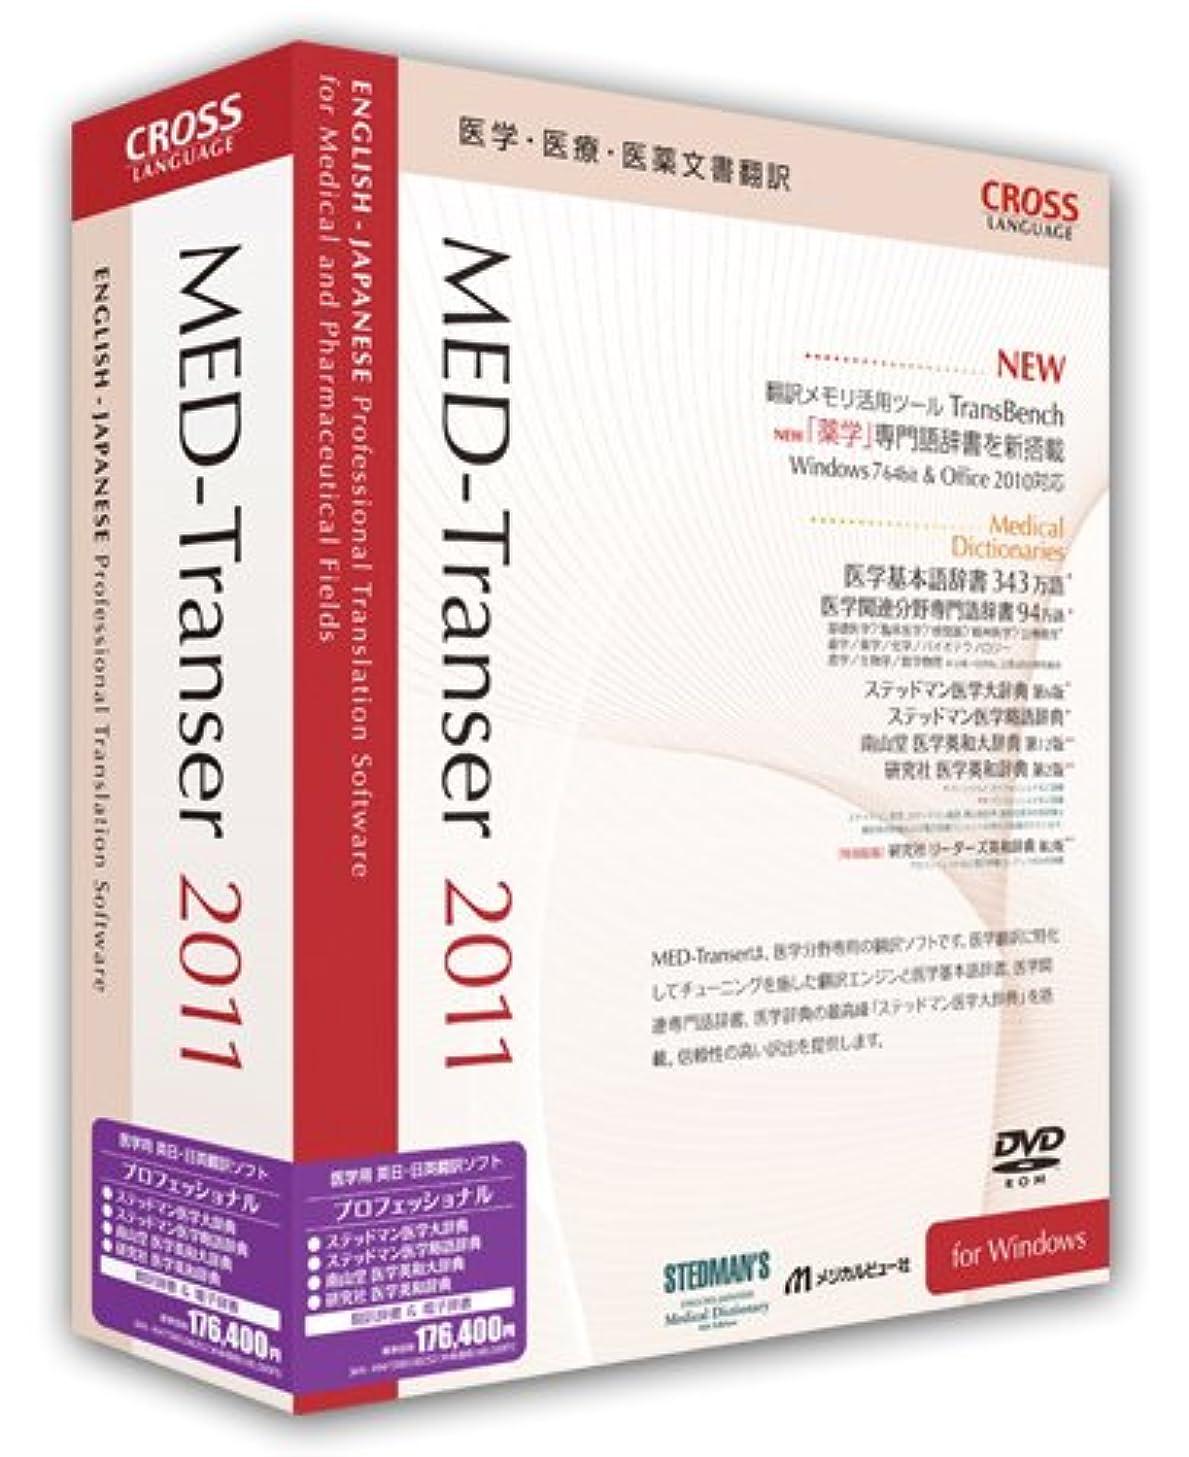 目の前の有害な試みるMED-Transer 2011 プロフェッショナル for Windows